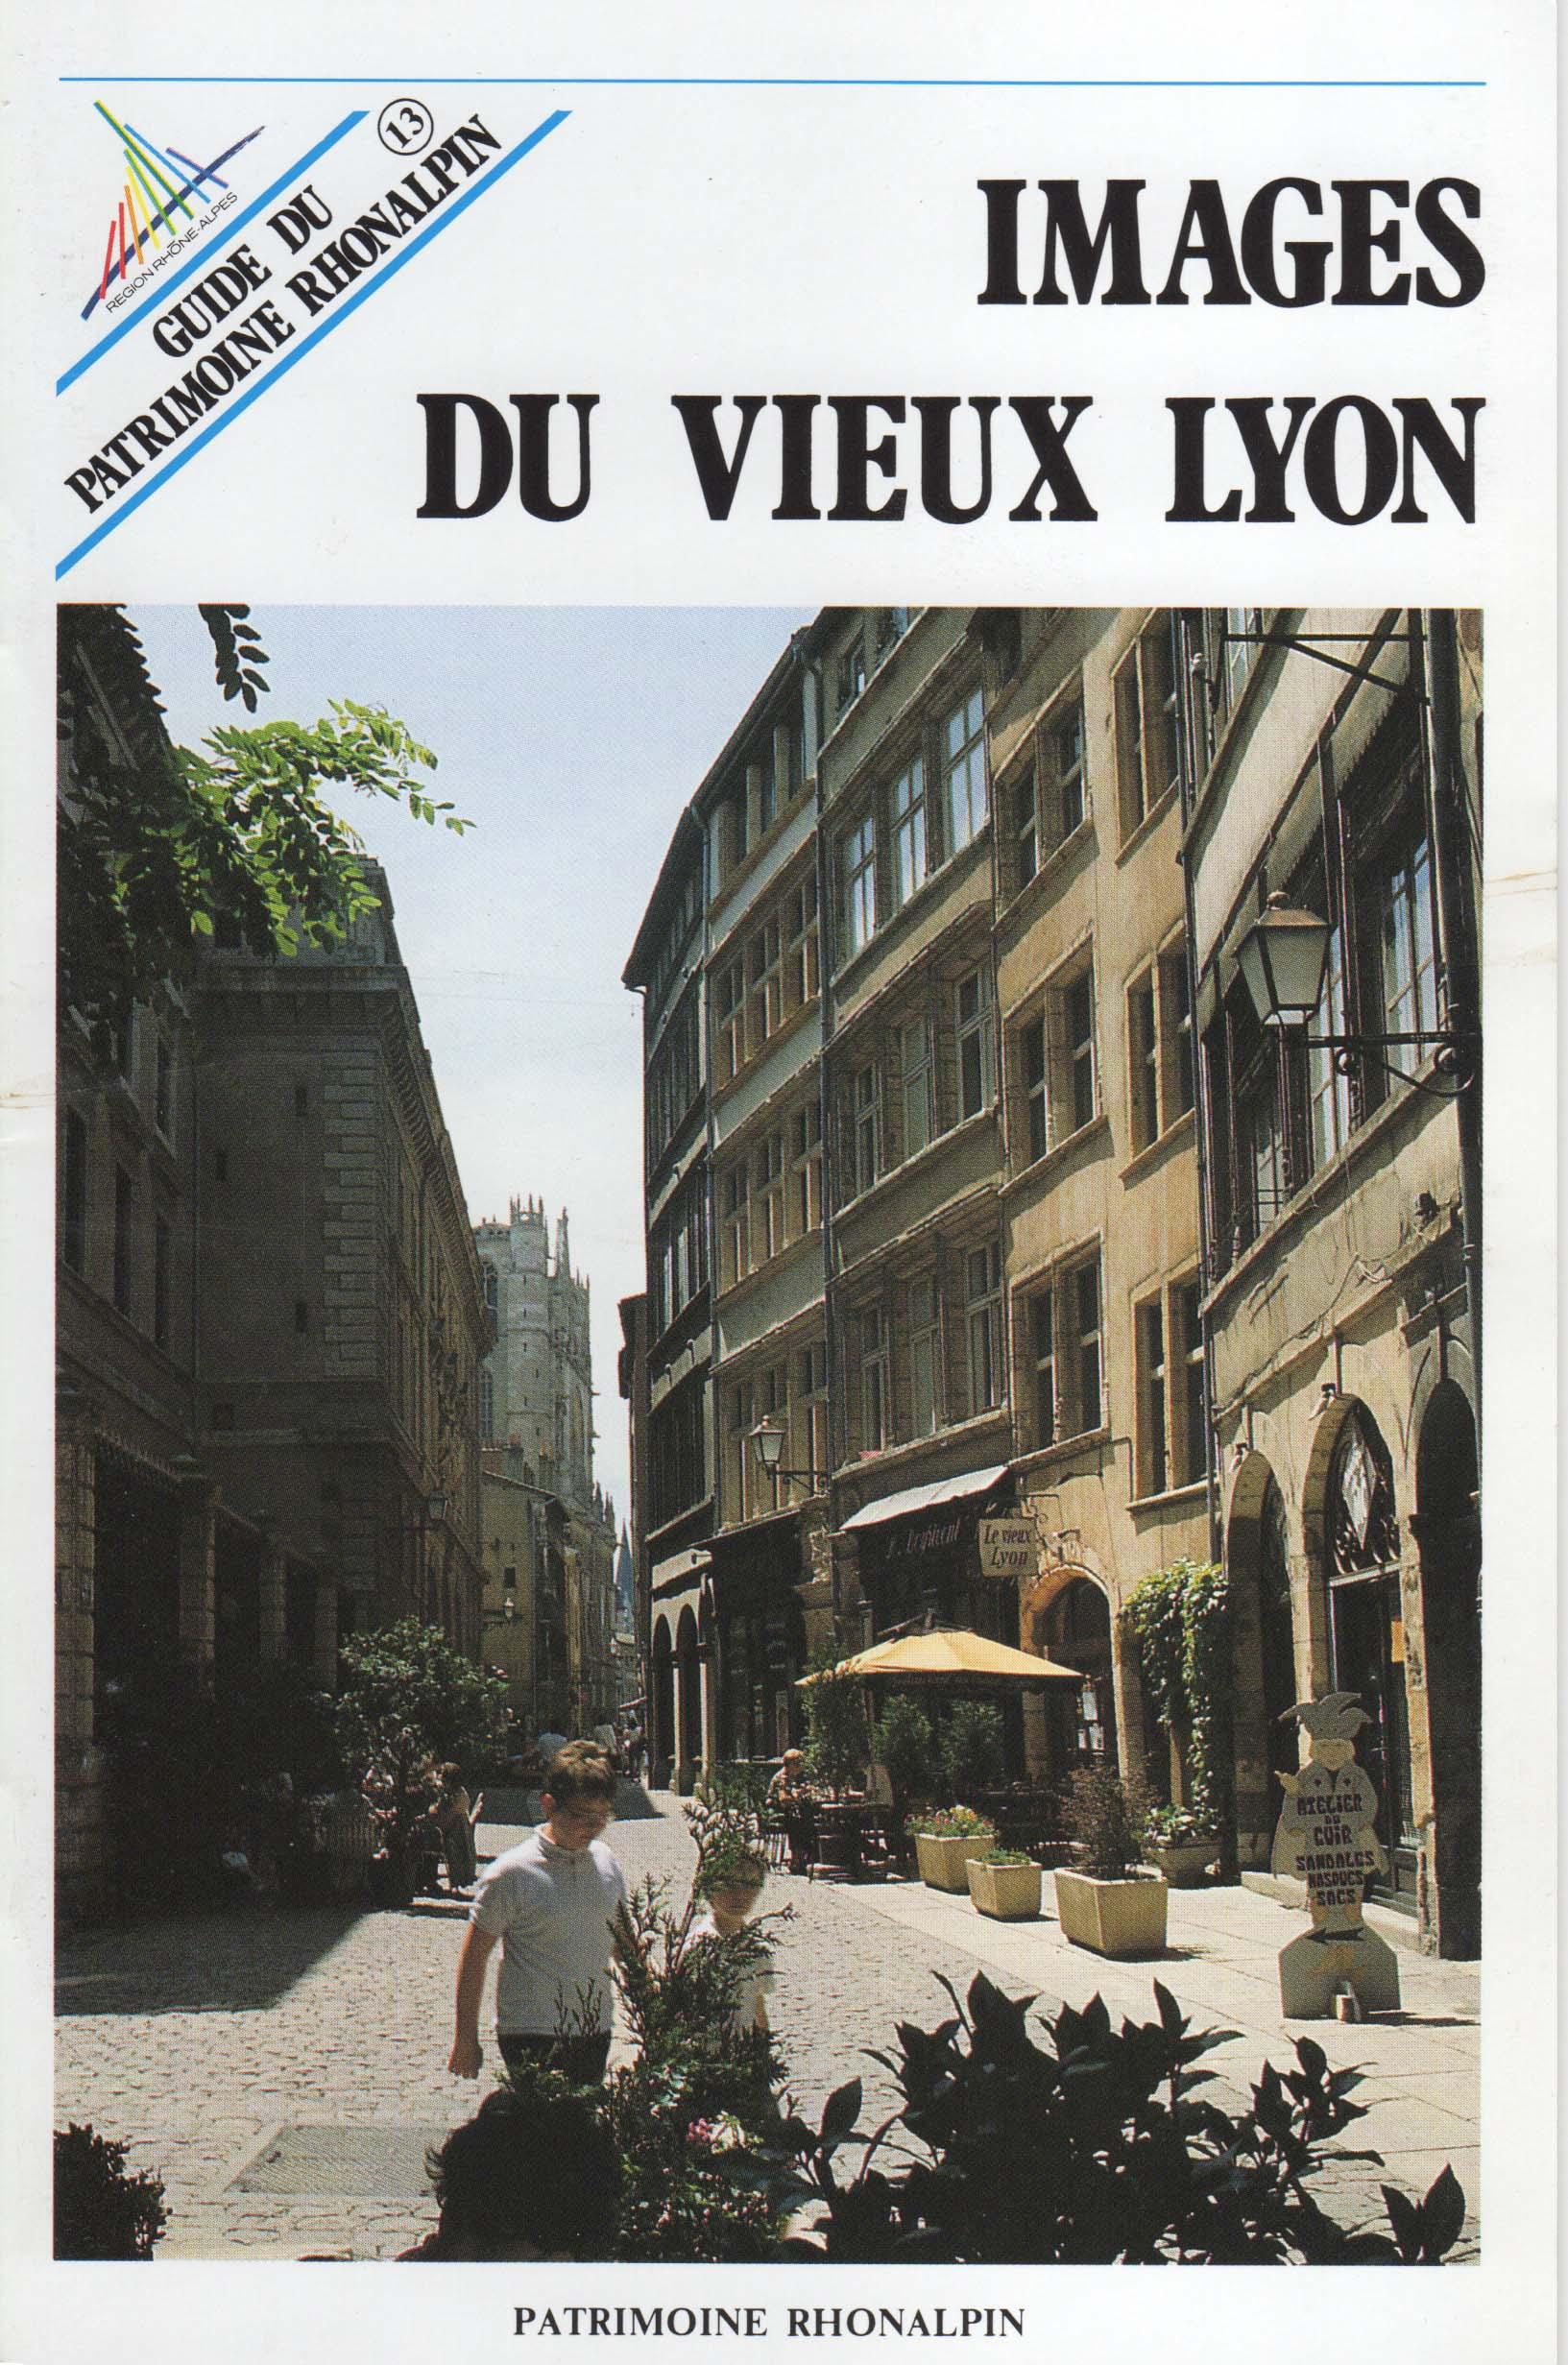 Guide n°13 – Images du Vieux Lyon